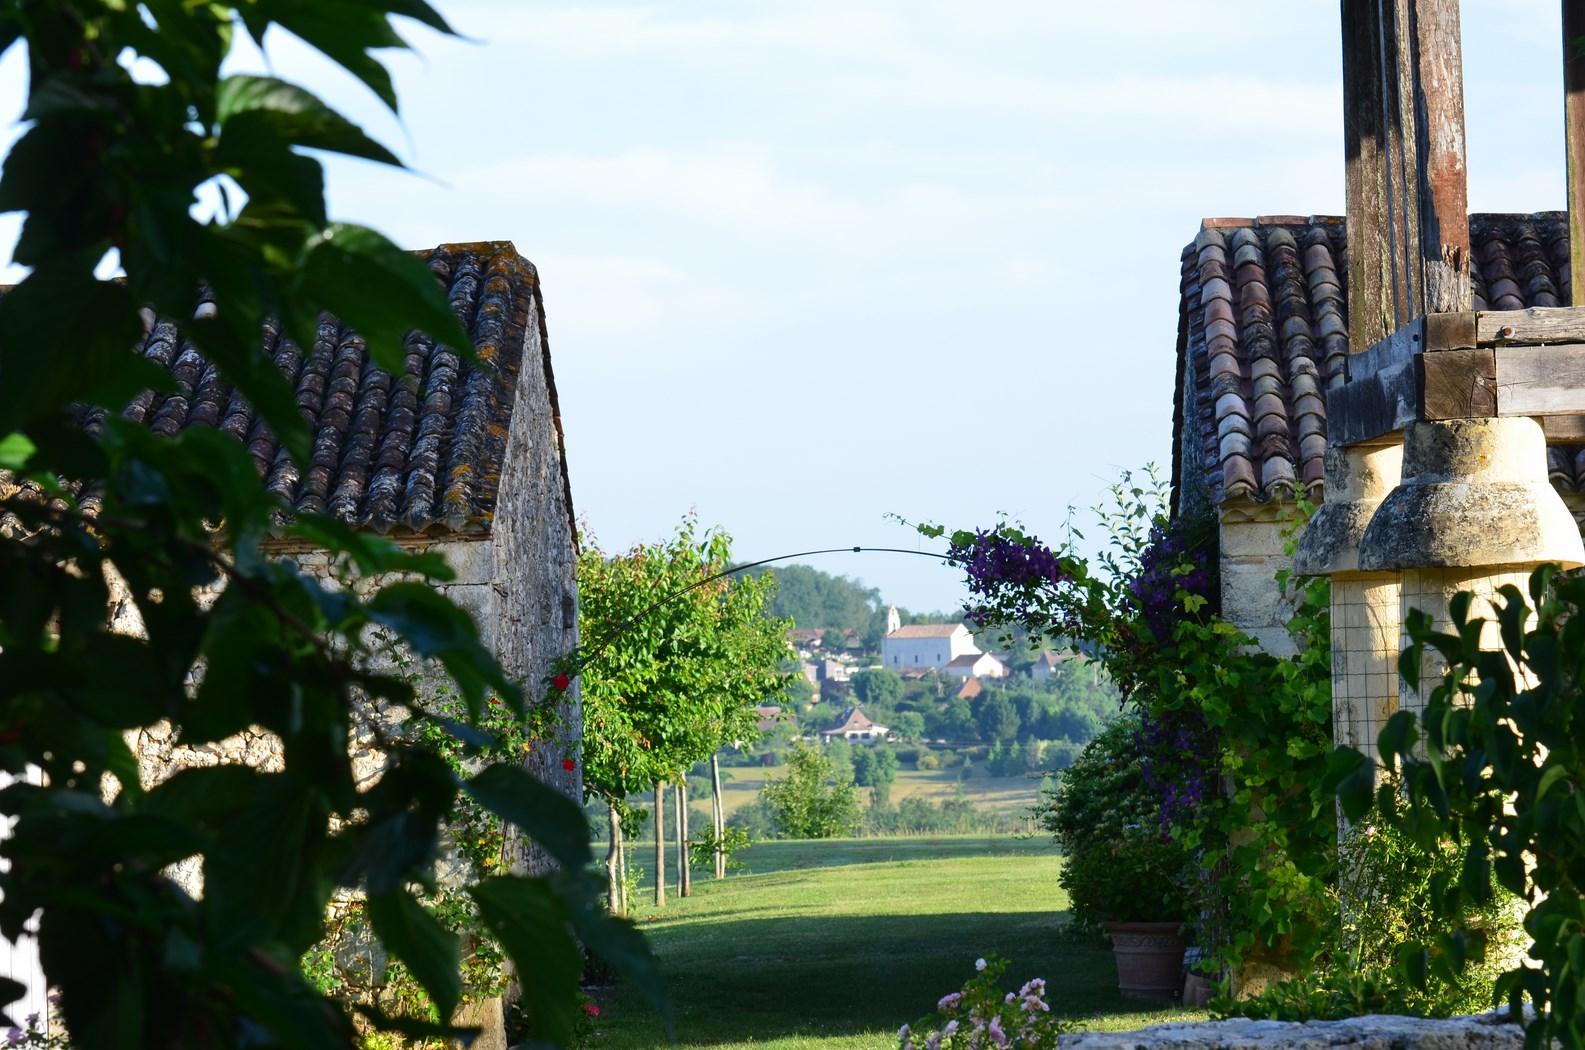 Chateau de passion restored - 4 3